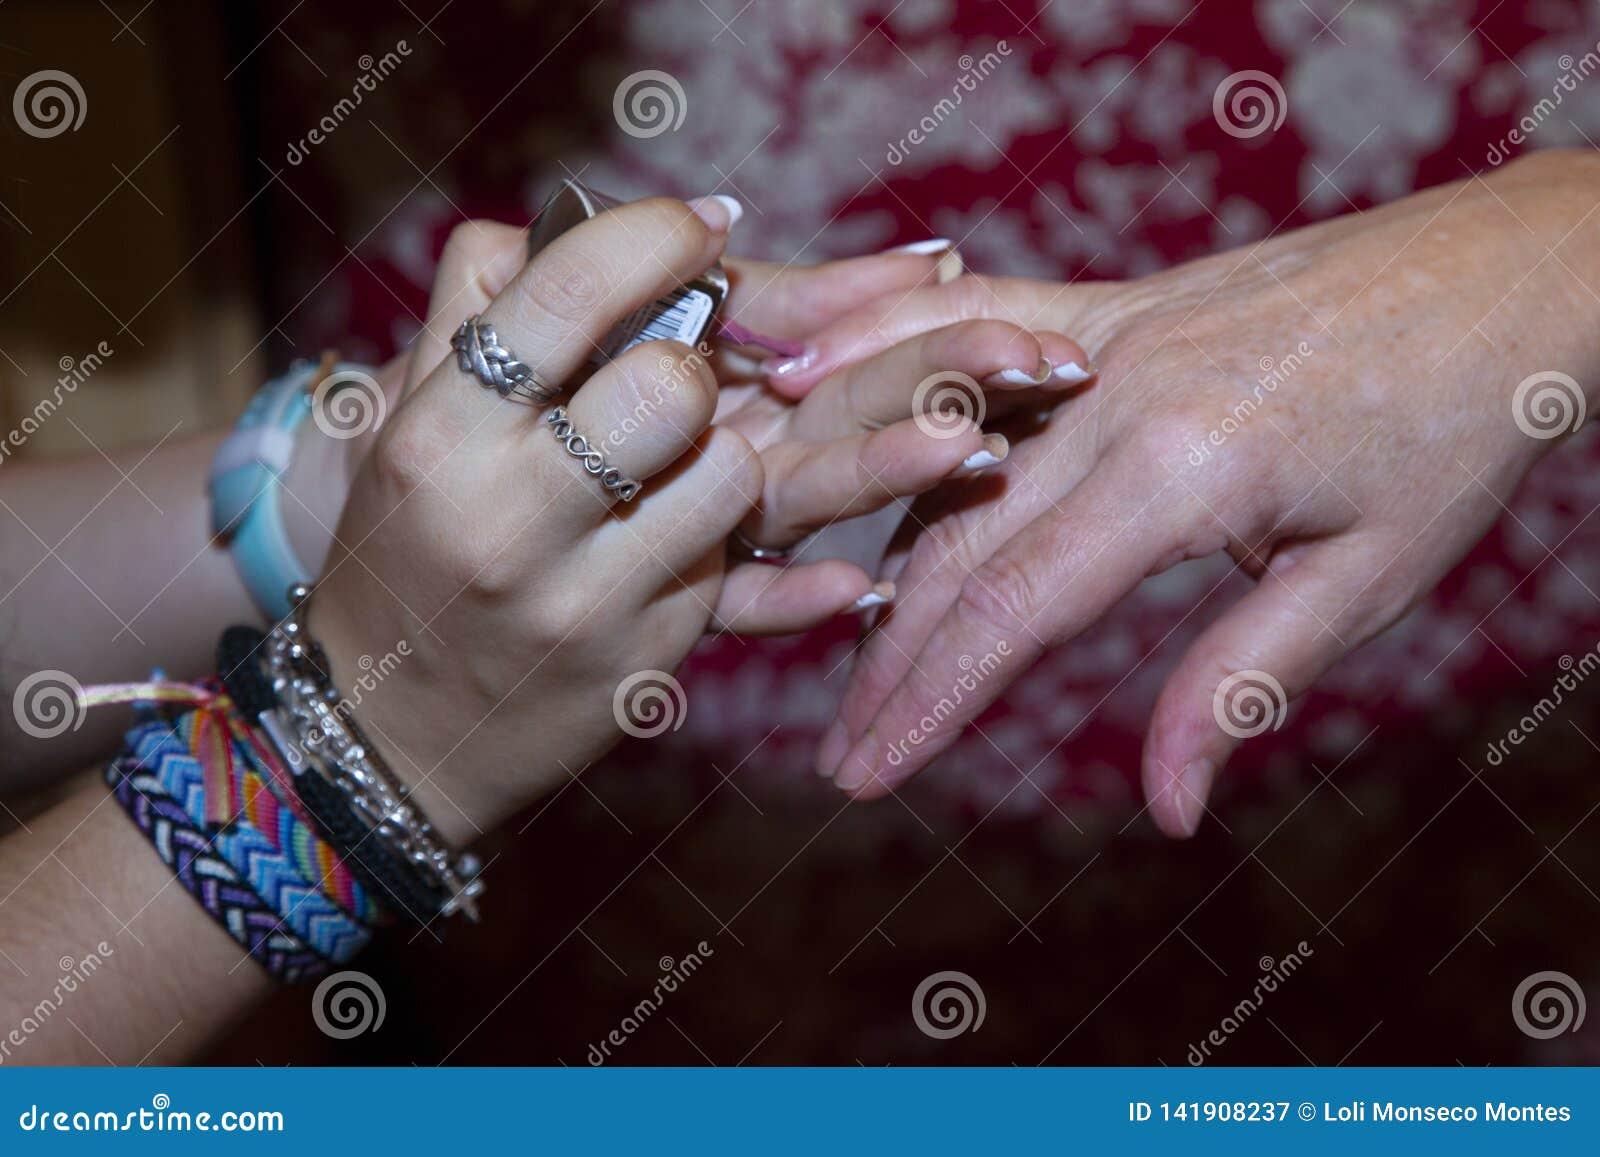 Detail van de handen van een vrouw twee